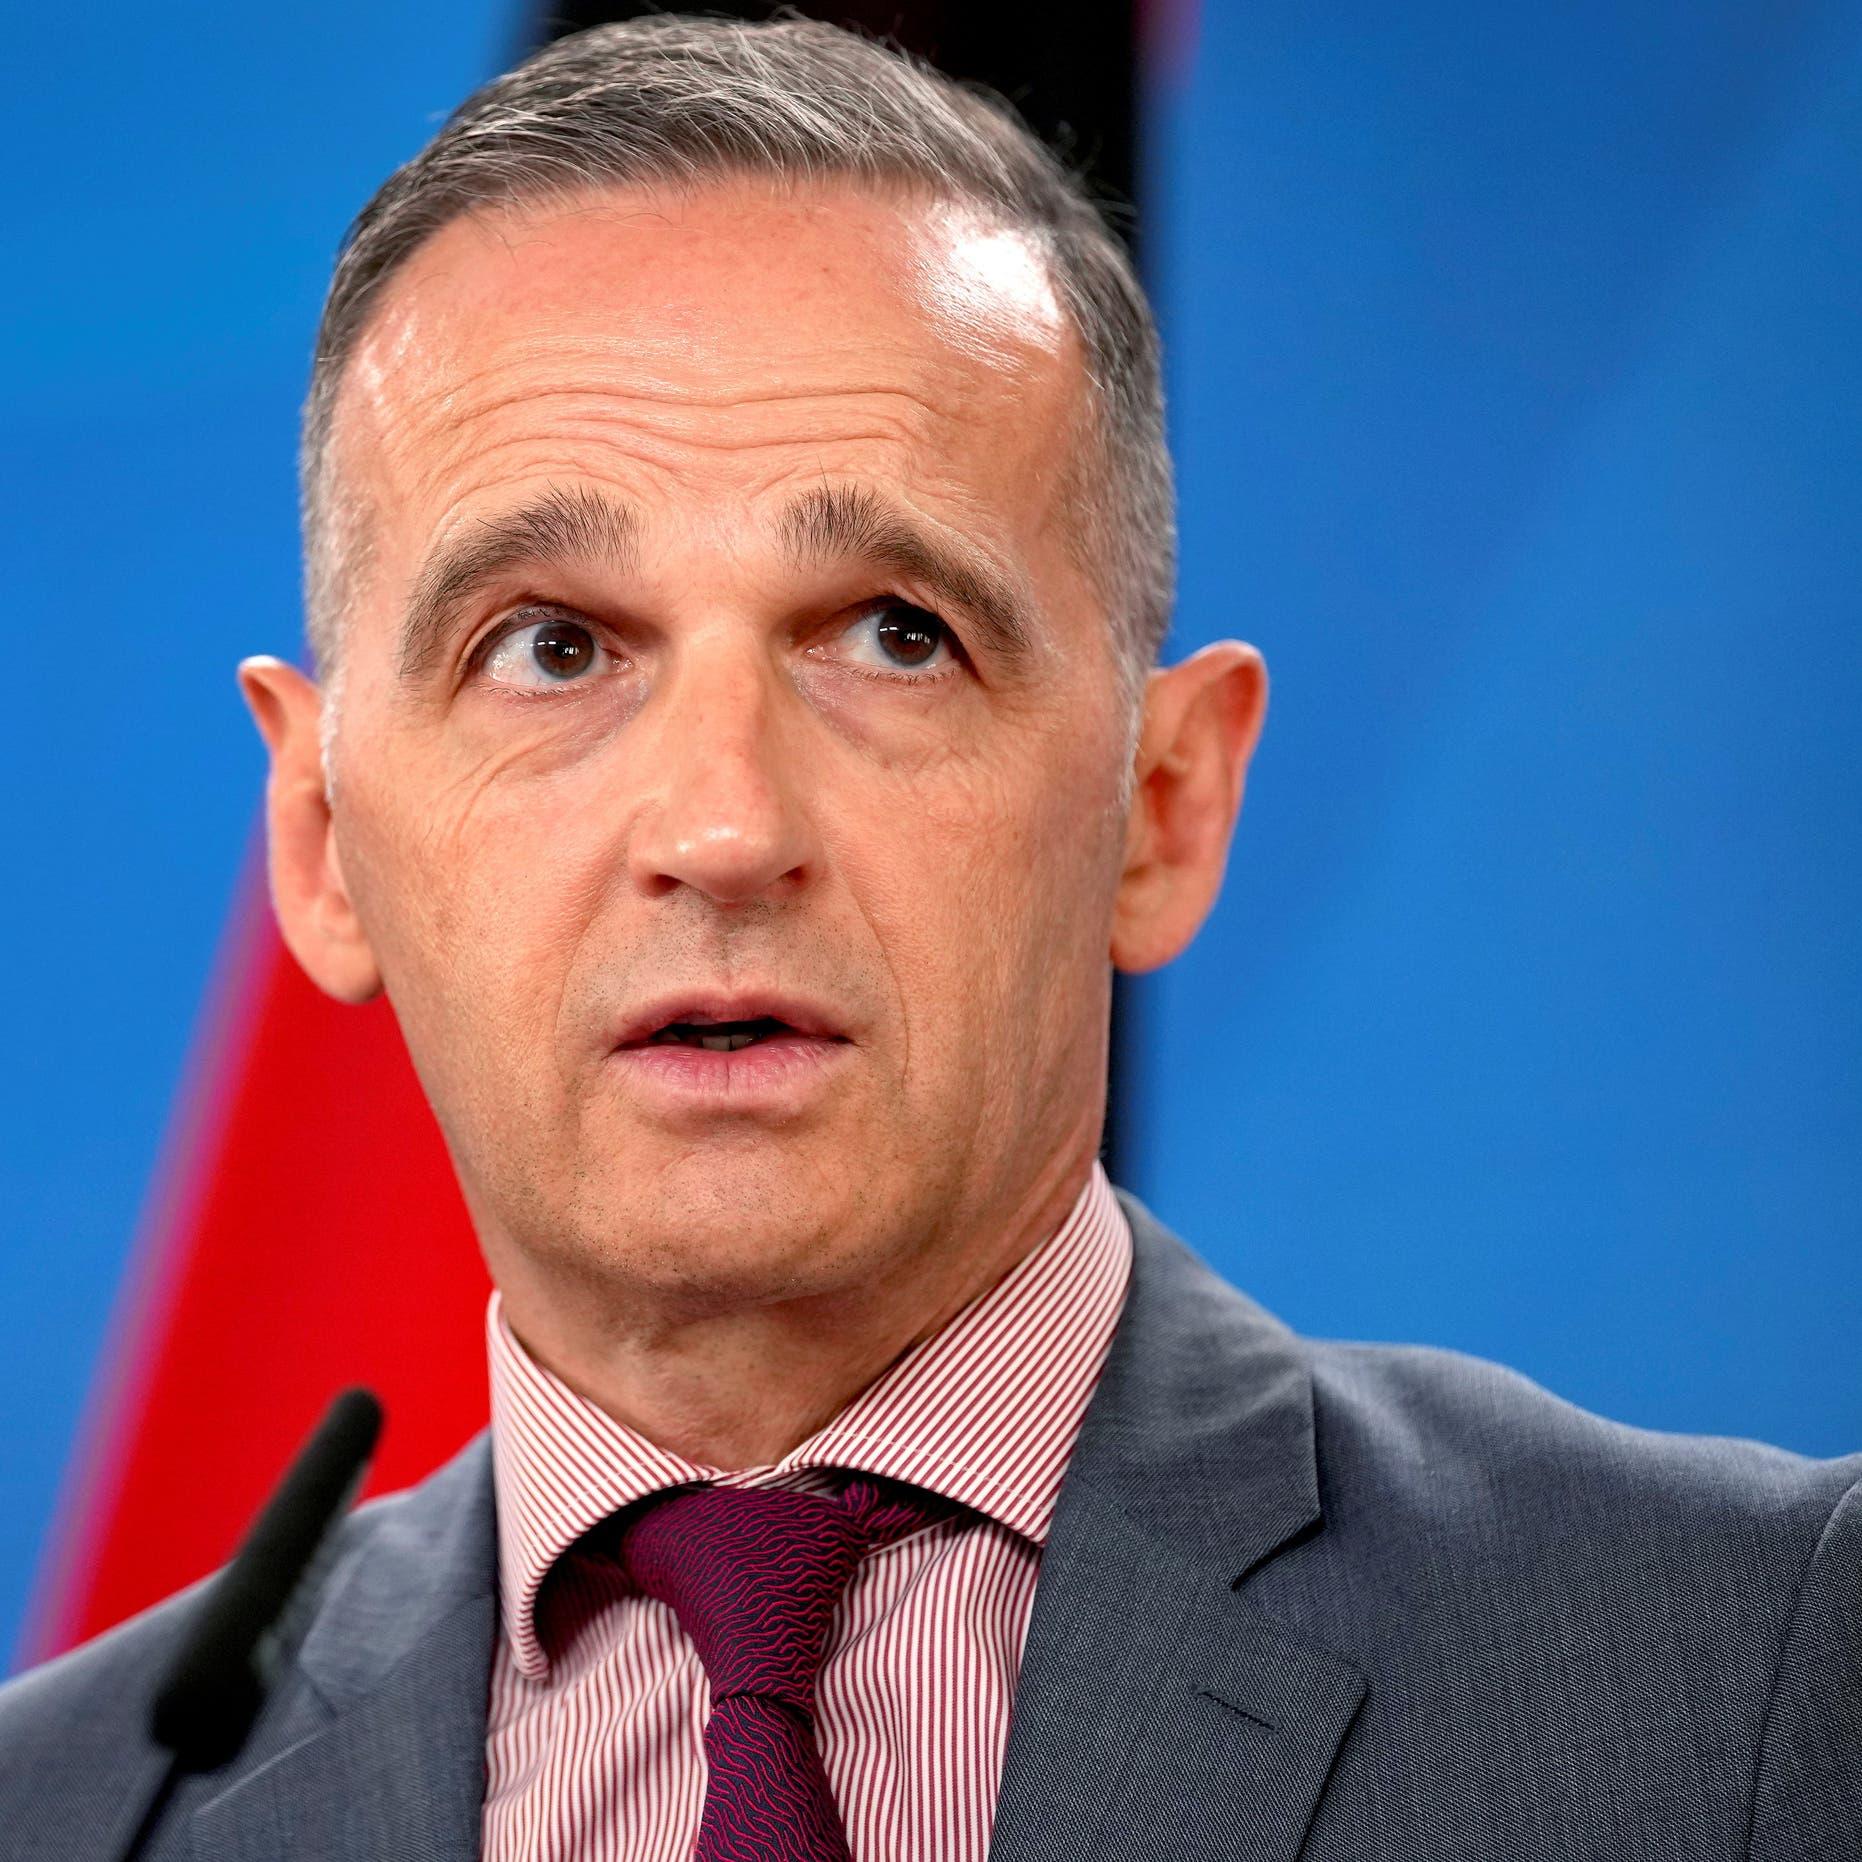 ألمانيا: سنوقف مساعداتنا لأفغانستان لو سيطرت عليها طالبان